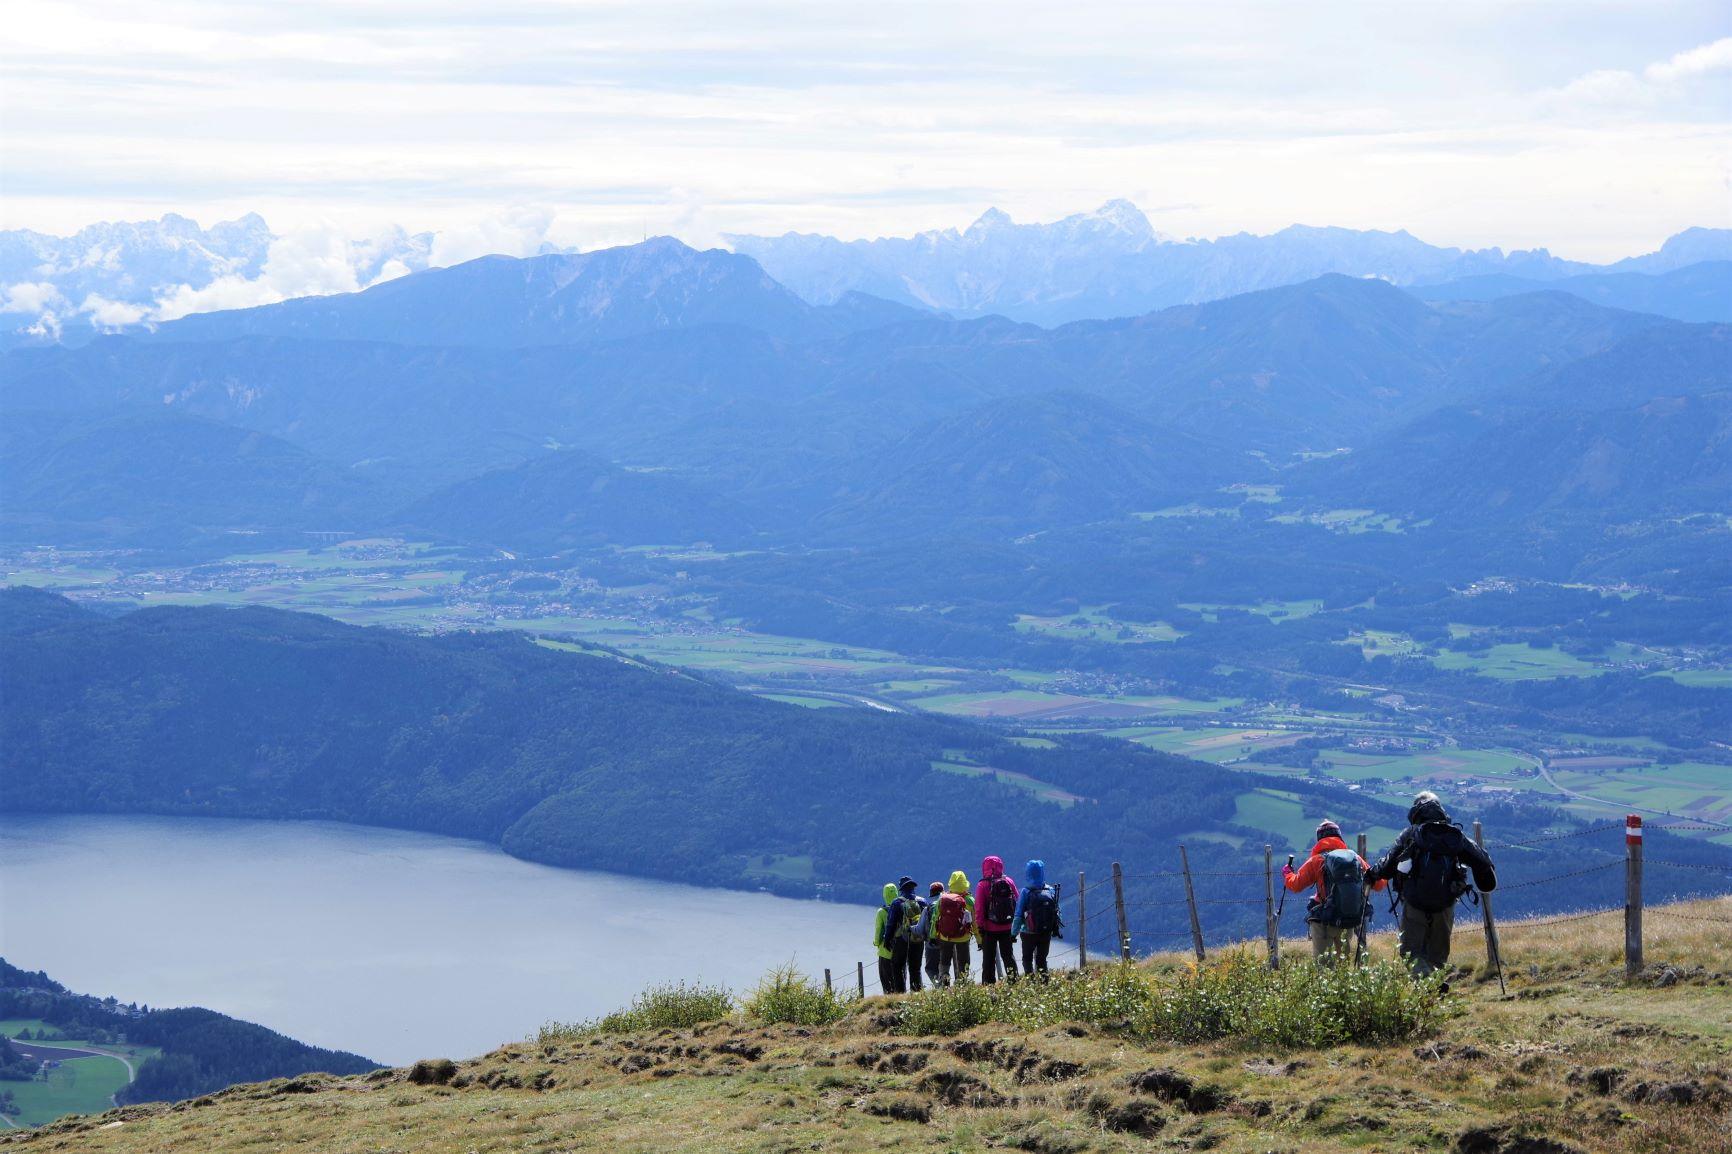 ミルシュタット湖を望む